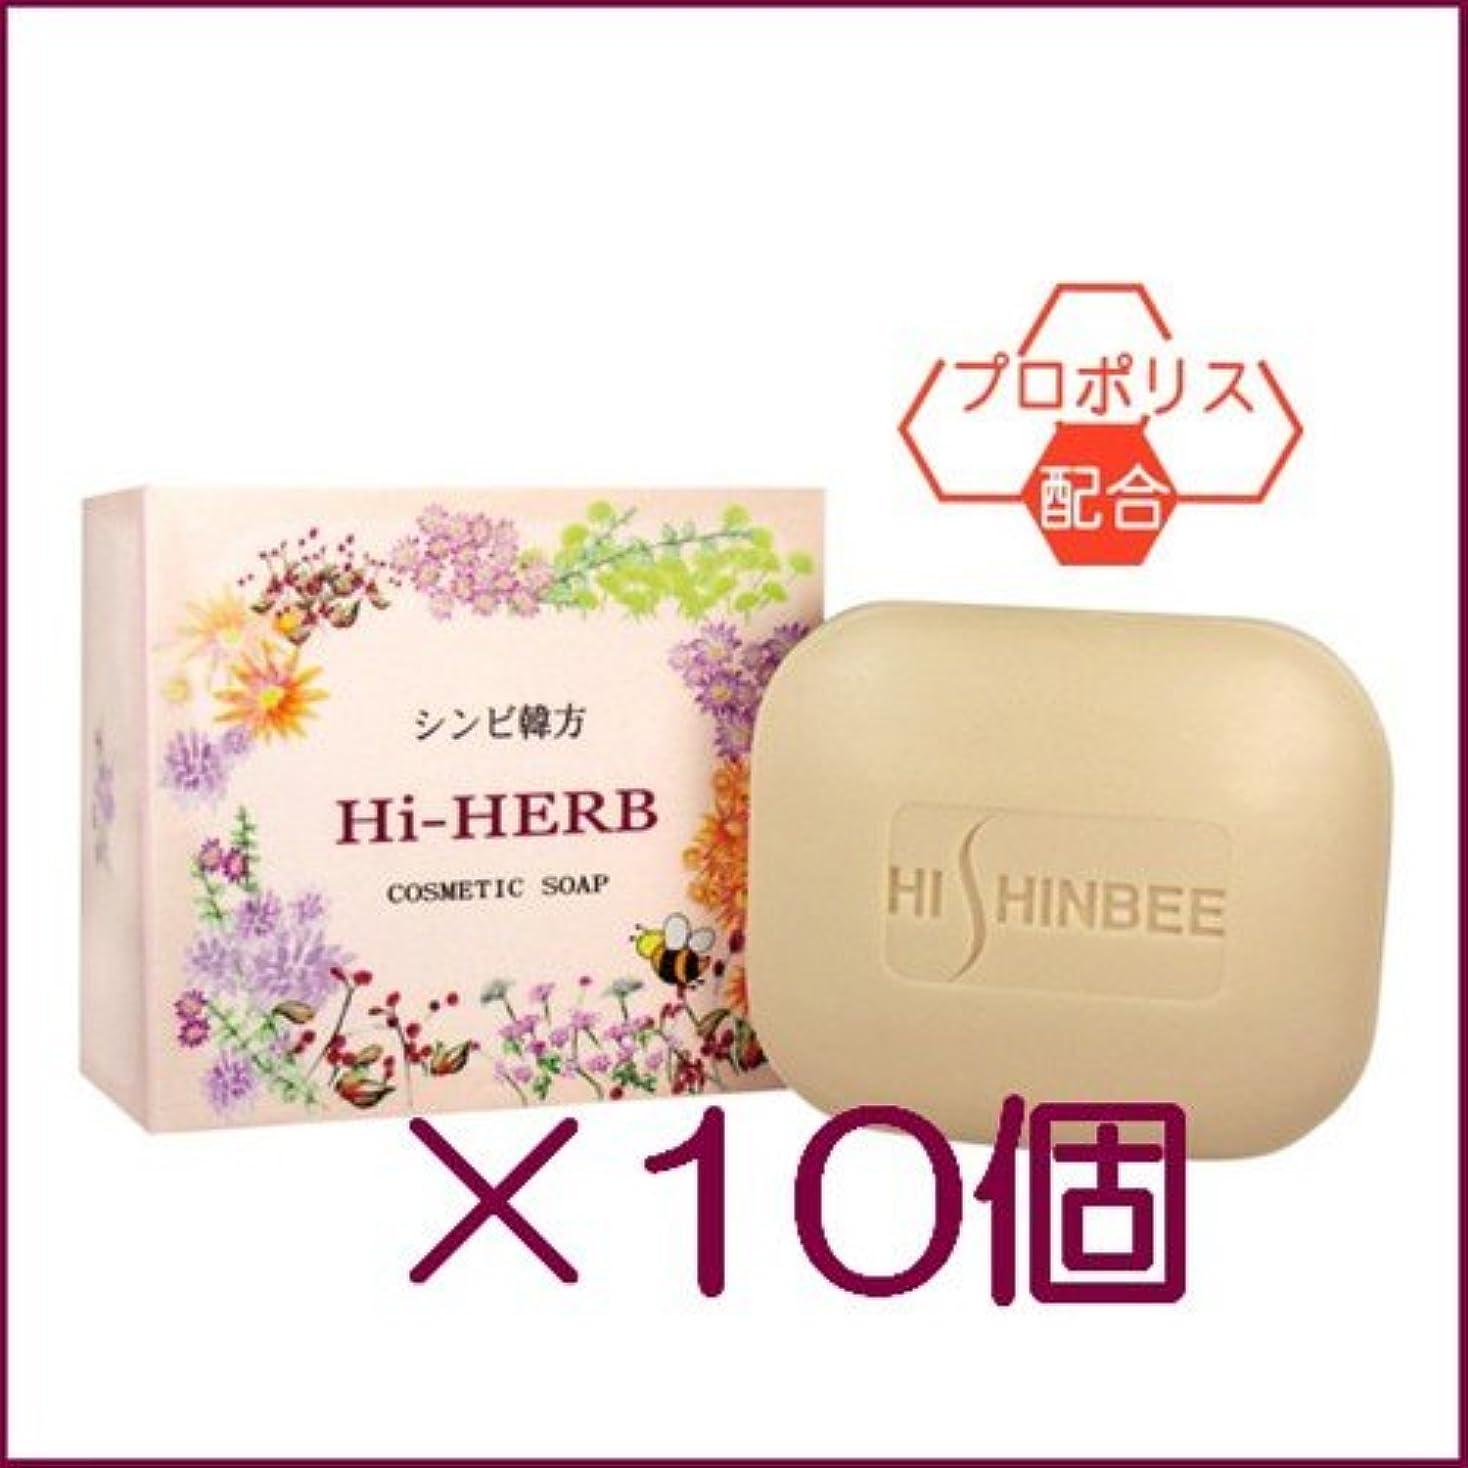 妨げる羨望ホバートシンビ 韓方ハイハーブ石鹸 100g ×10個